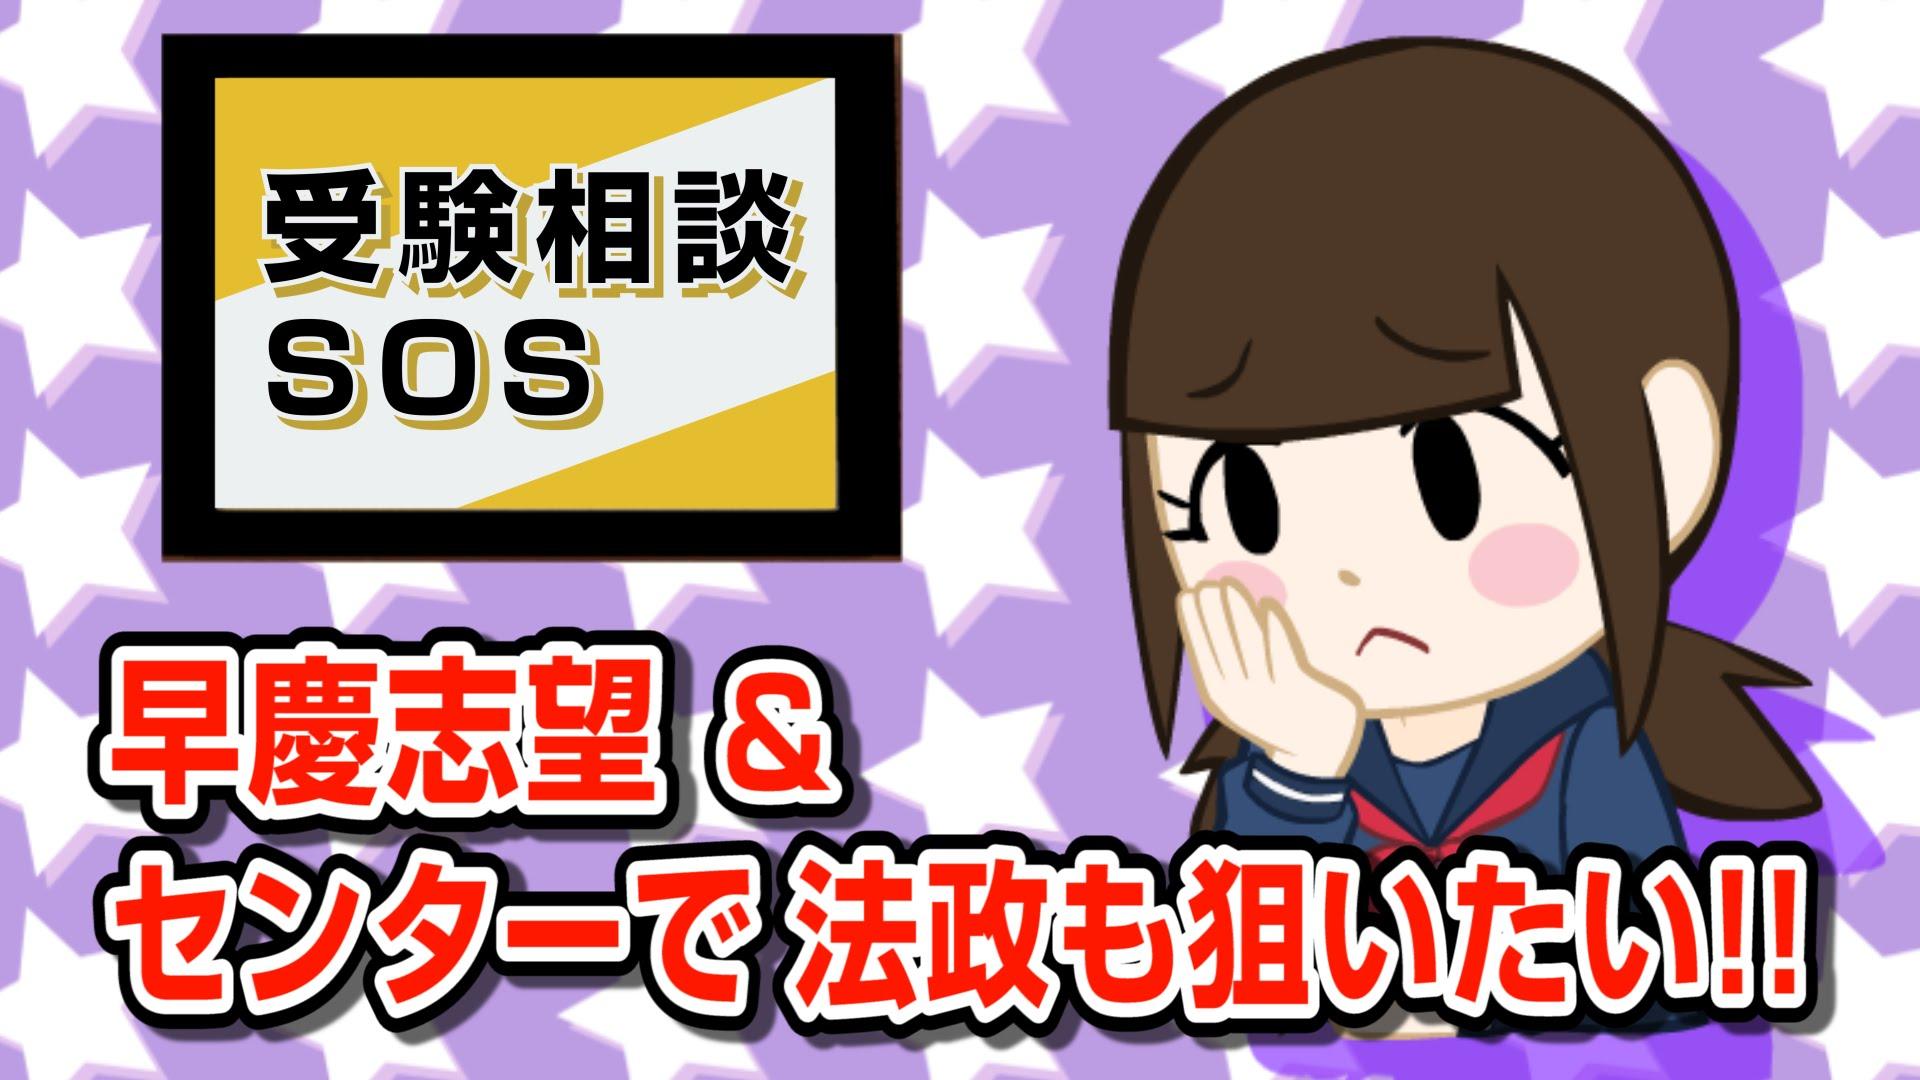 【vol.323】早慶志望&センターで法政も狙いたい!! 対策すべきことは? 受験相談SOS